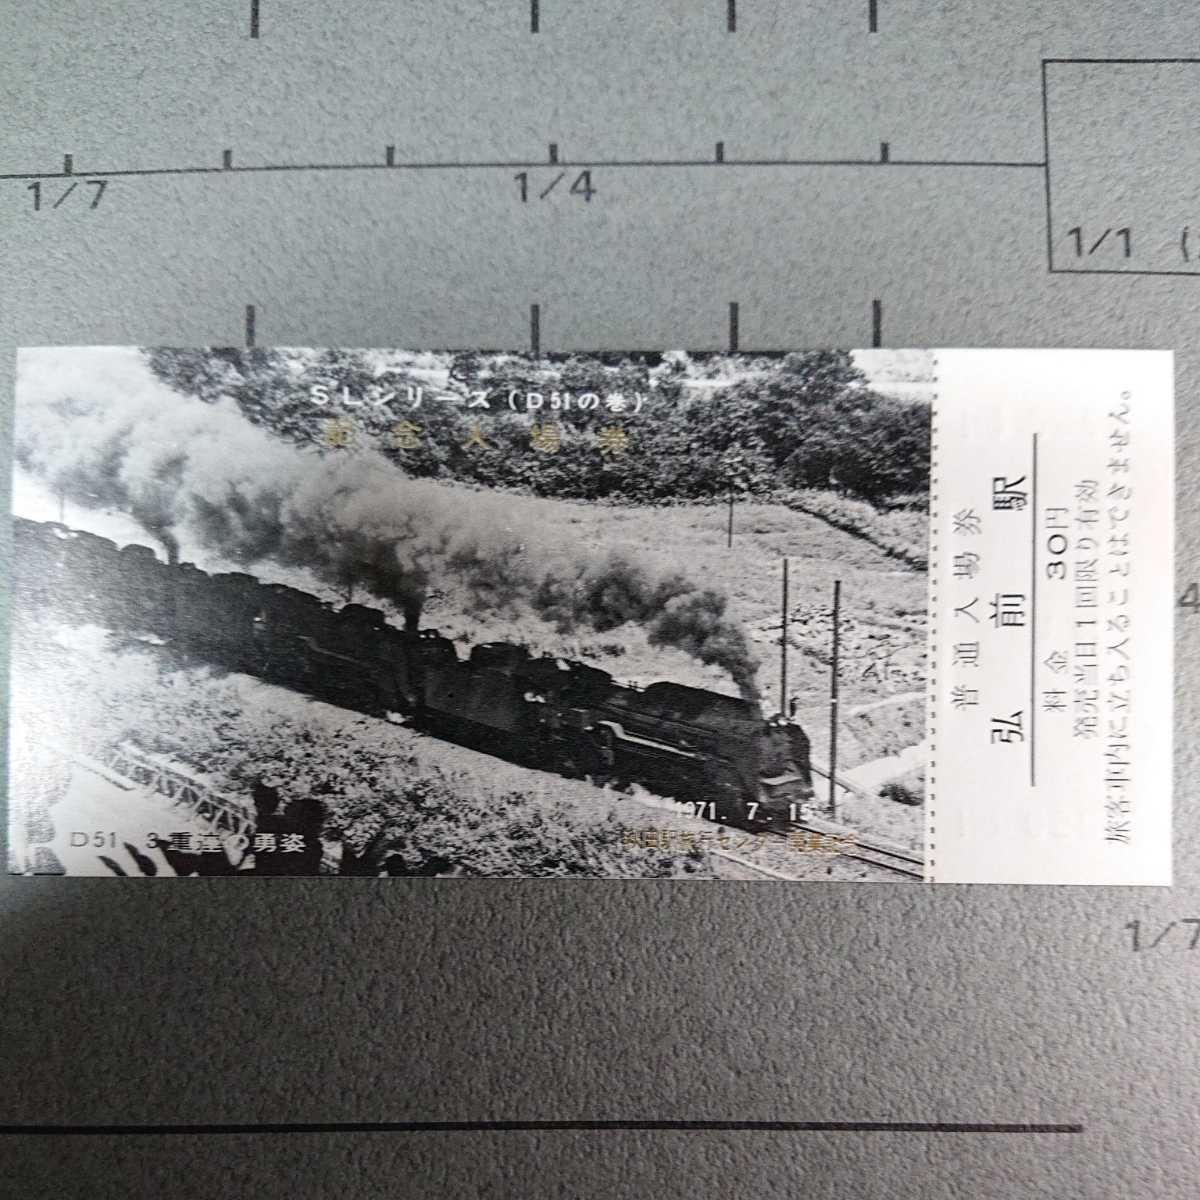 【記念入場券】SL D51 記念入場券 弘前駅_画像1